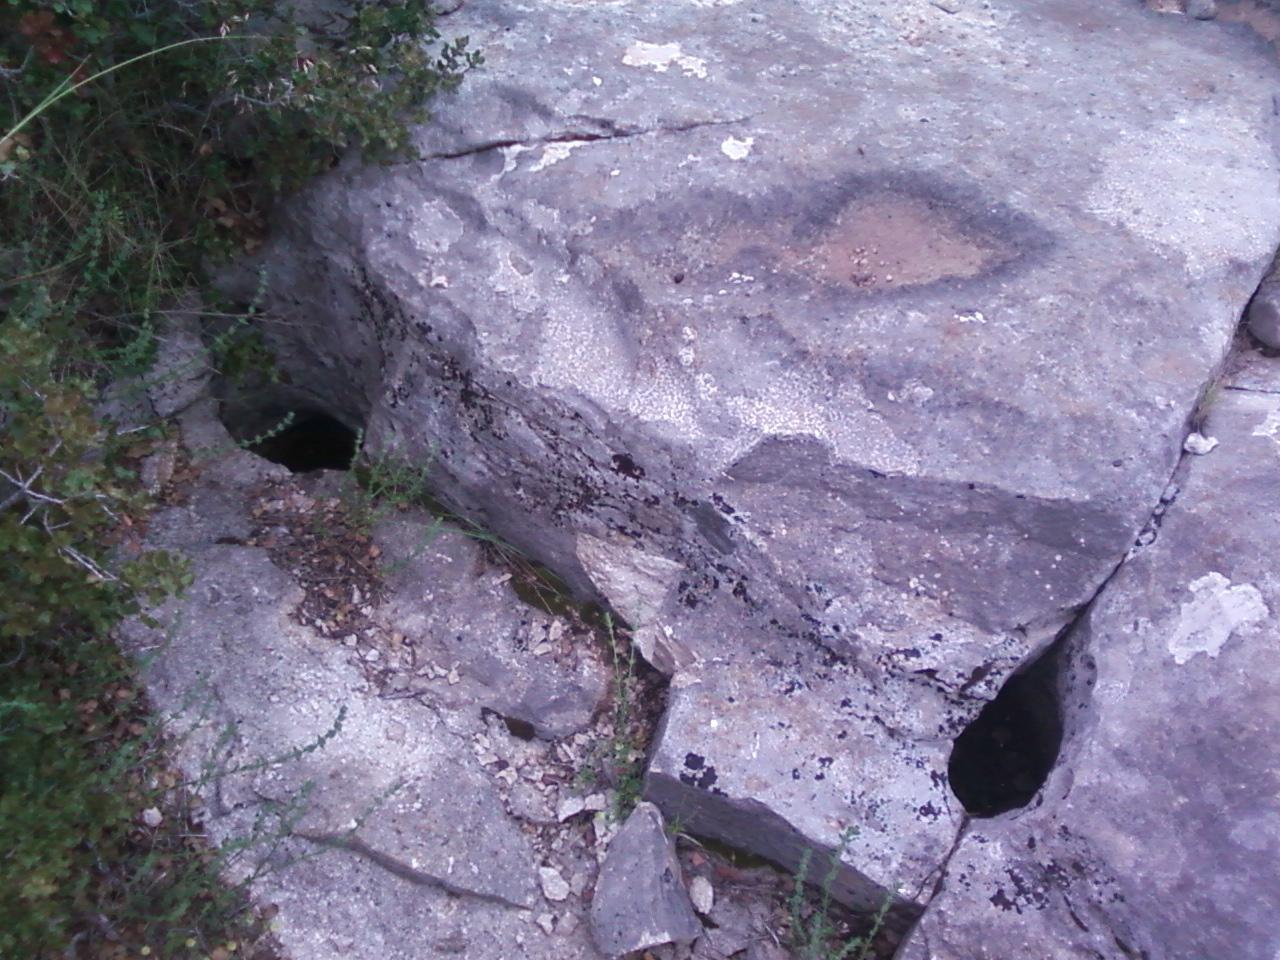 Kaya Üzerindeki İşaretler deliğin anlamı